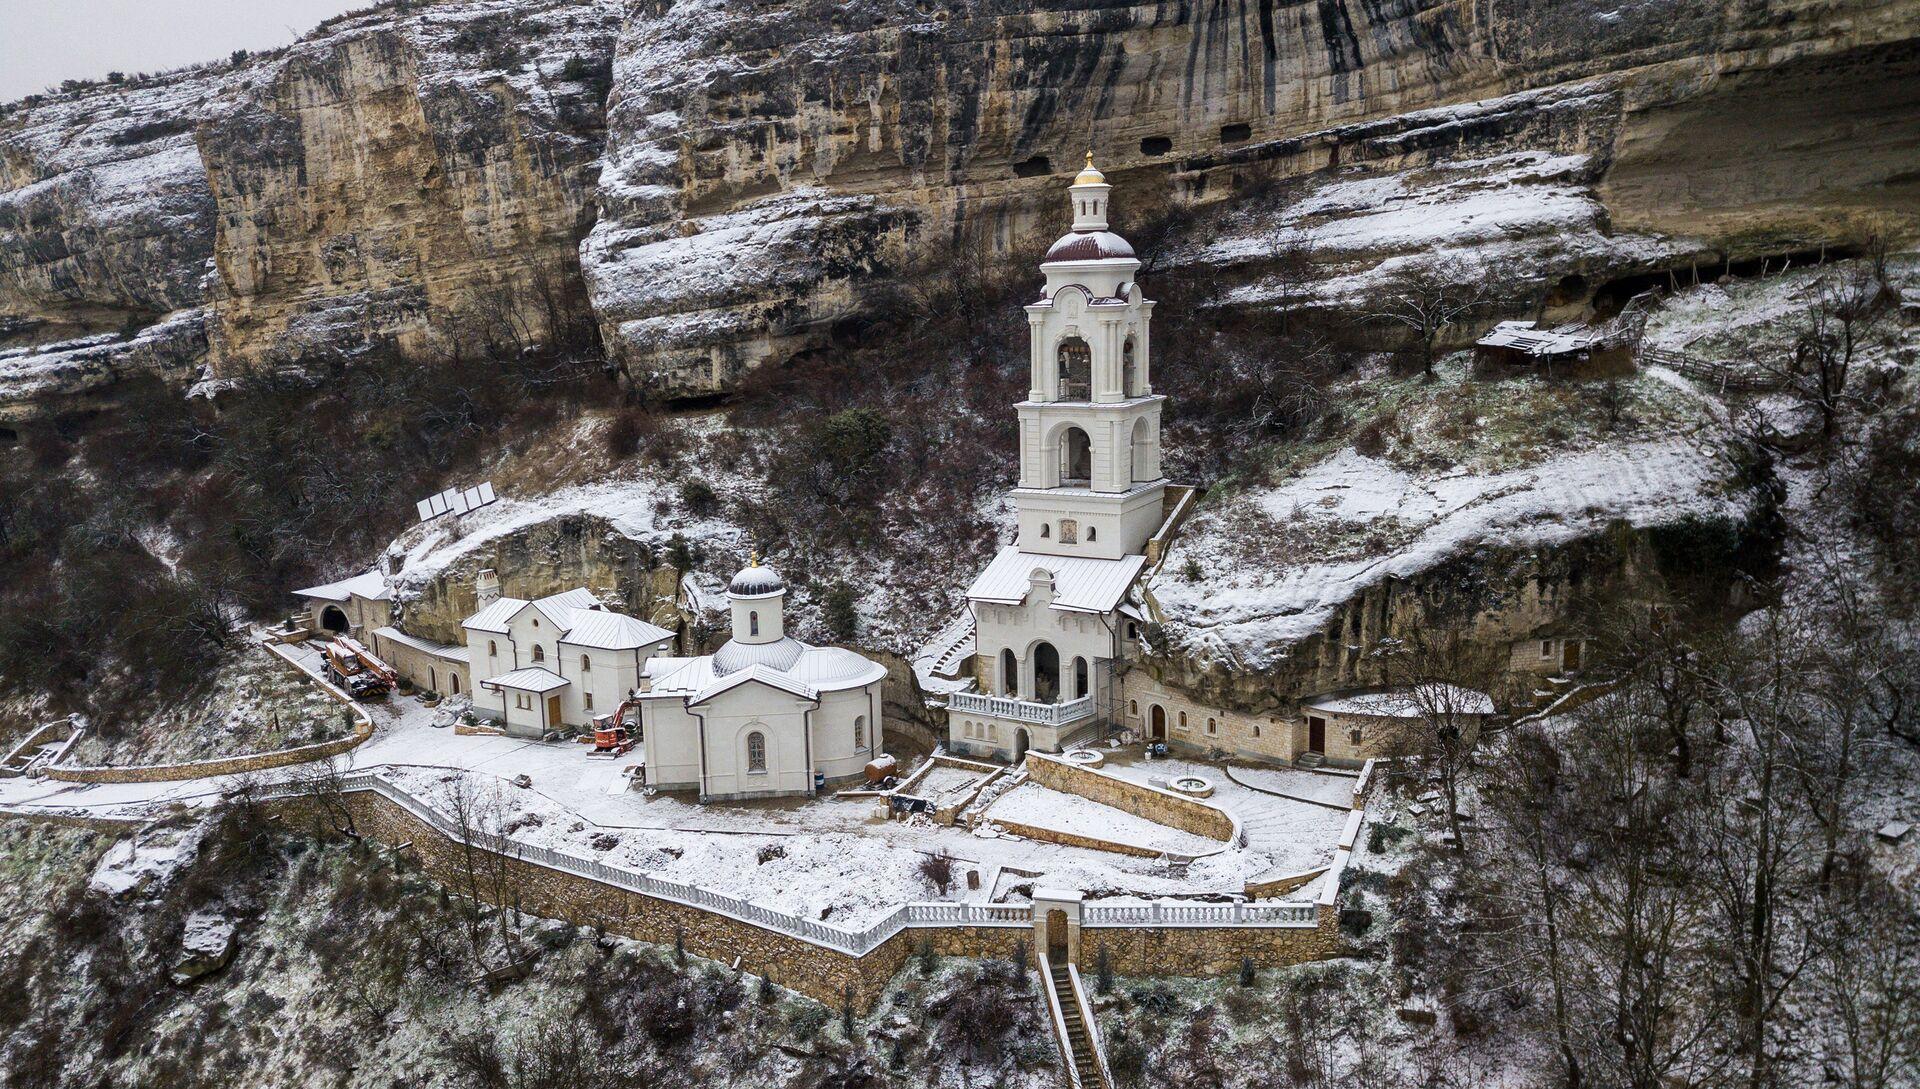 Свято-Успенский пещерный монастырь в Бахчисарае - РИА Новости, 1920, 18.11.2020